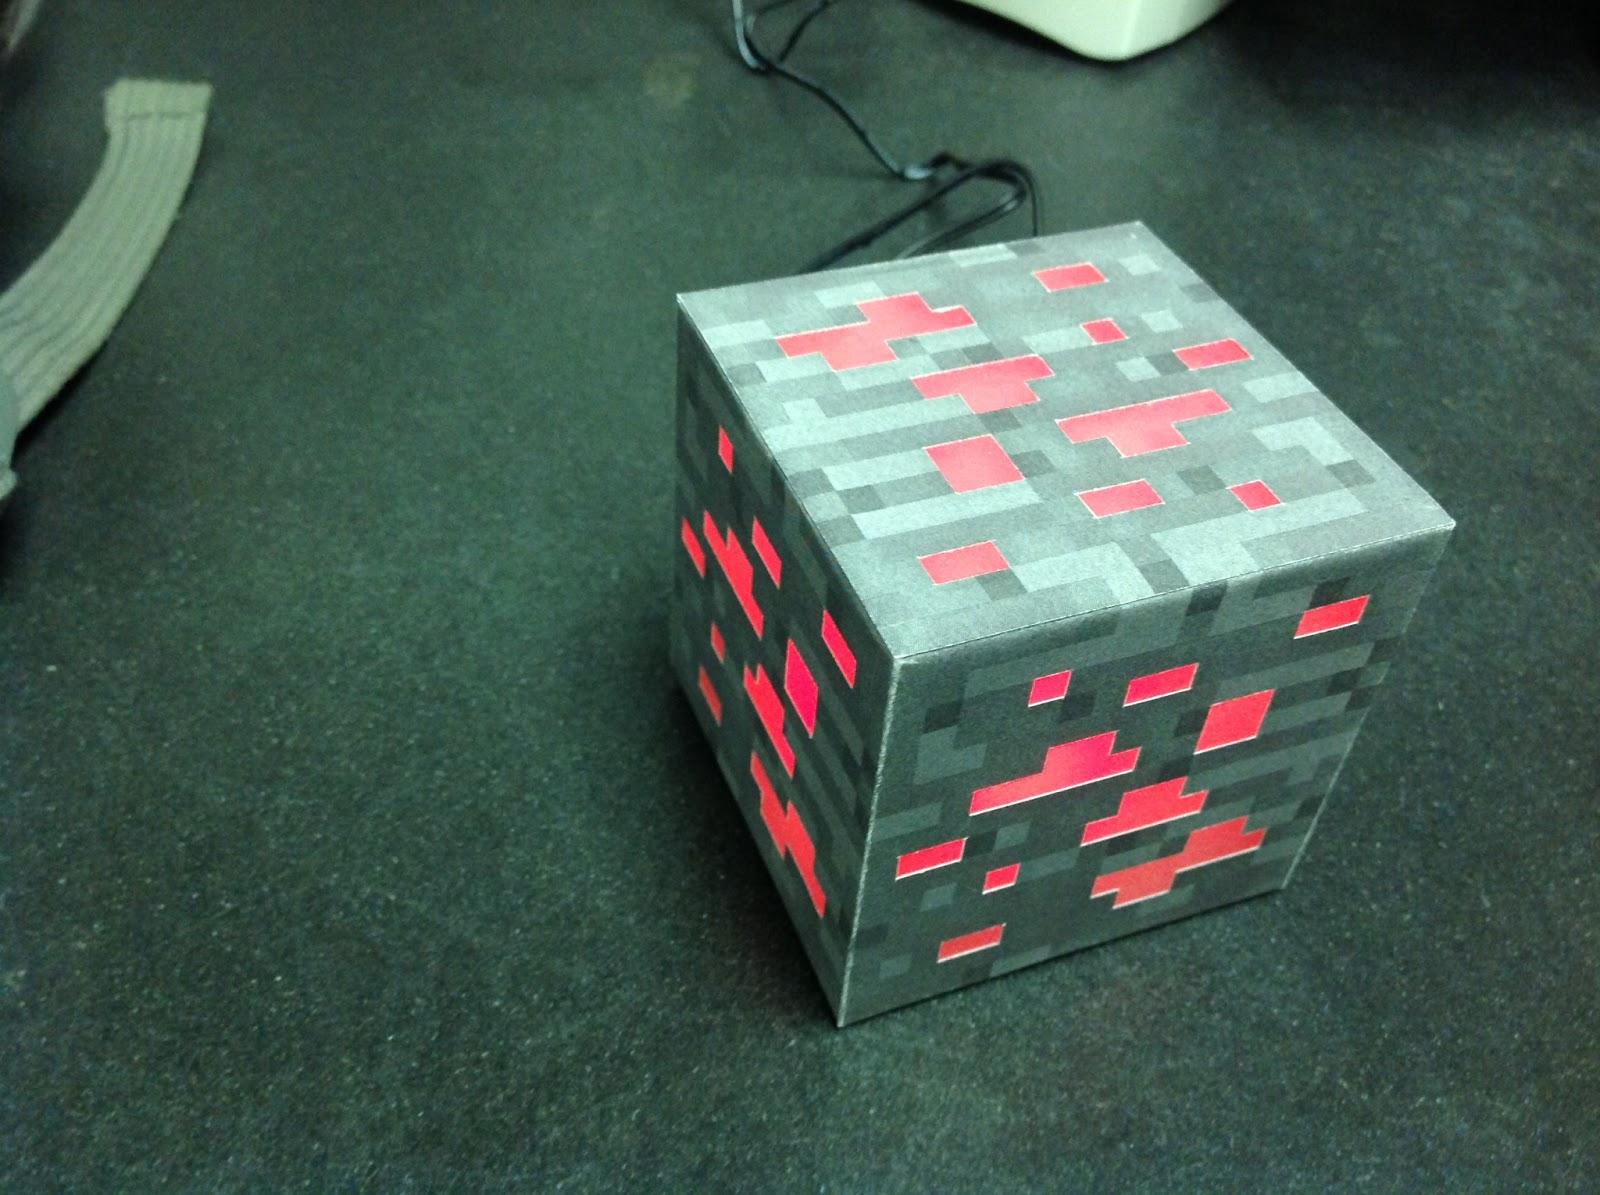 Night light using arduino - Minecraft Ore Block Night Light